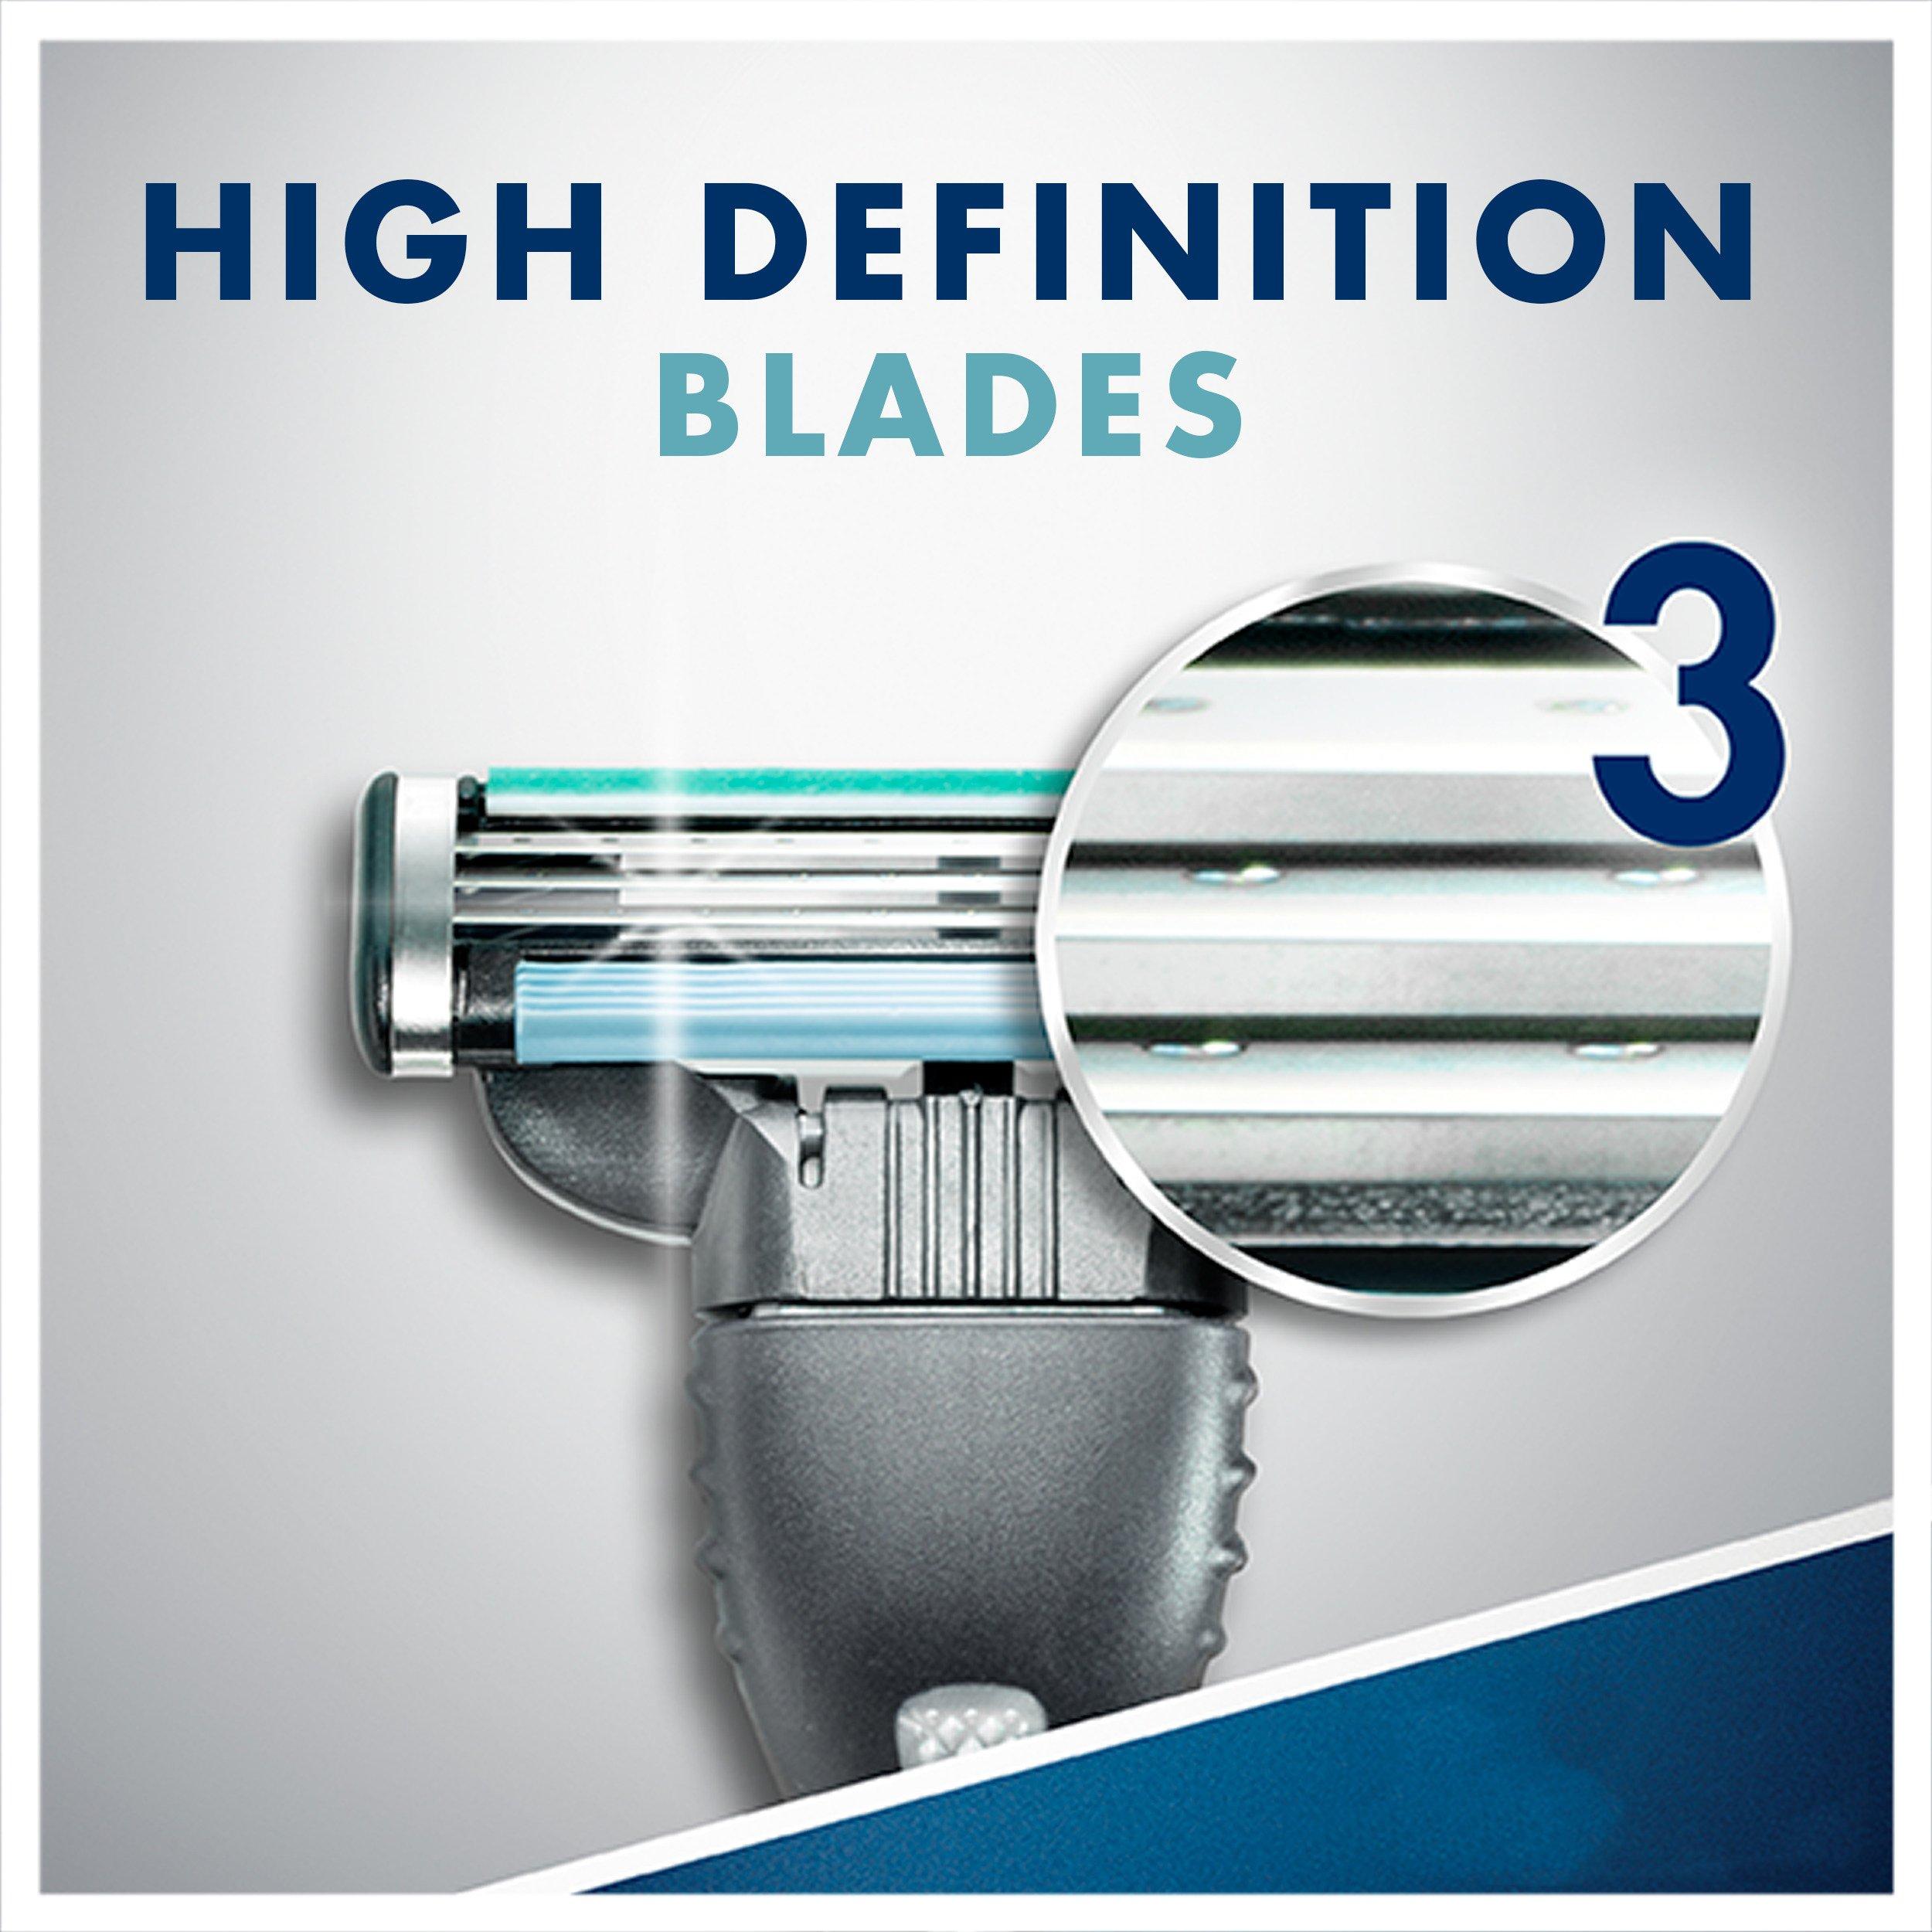 Gillette Mach3 Men's Disposable Razor, Sensitive, 6 Count, Mens Razors/Blades by Gillette (Image #5)